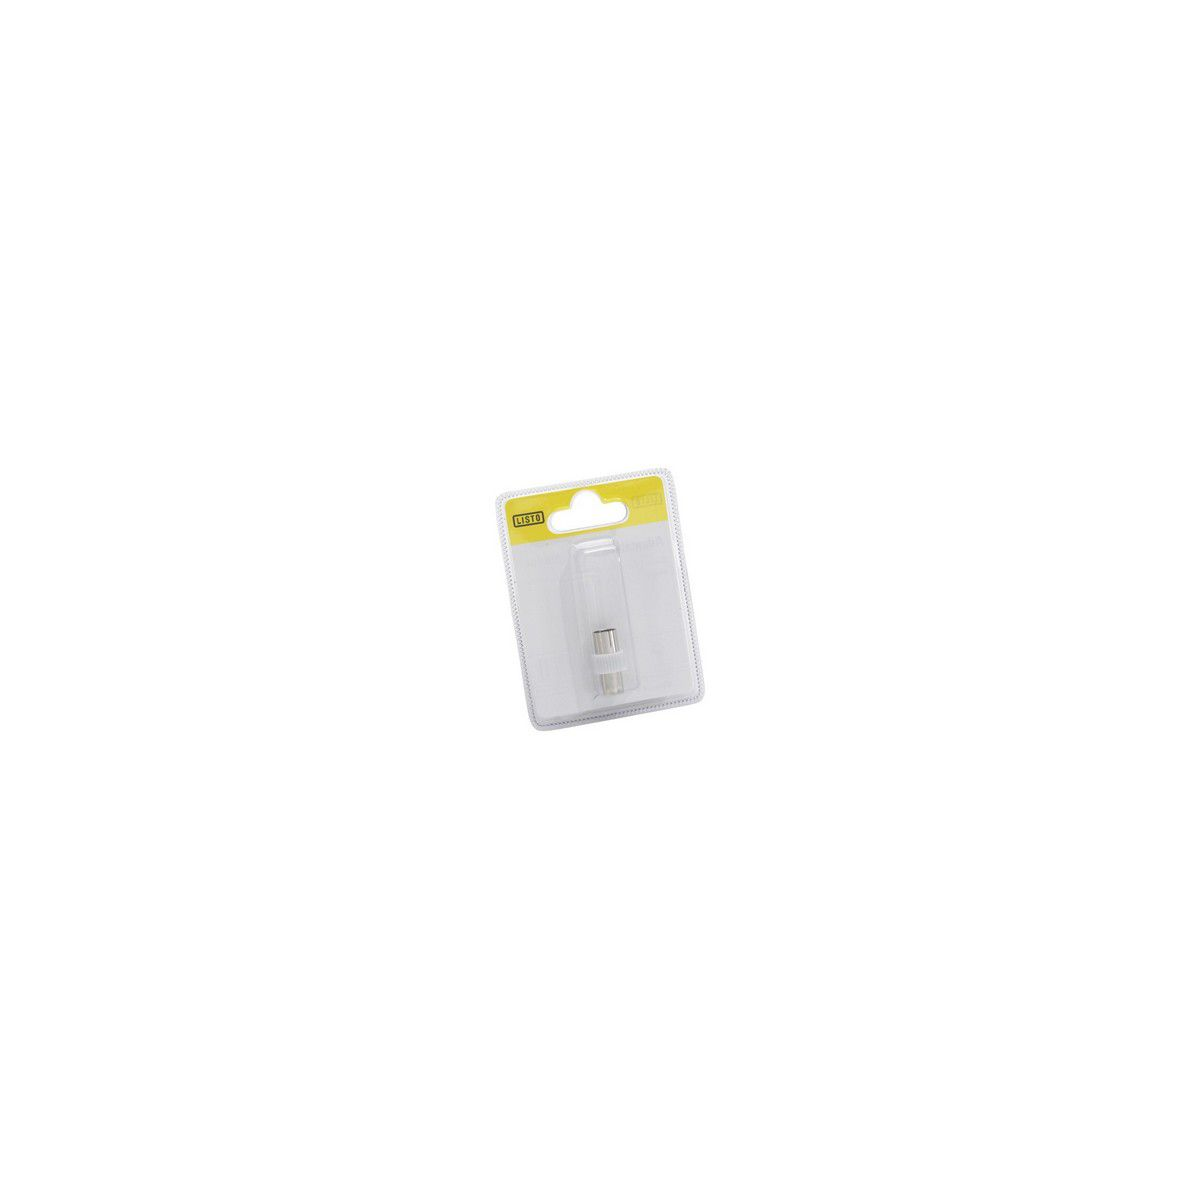 Adaptateur SC Coax M 9mm/Coax F 9.5mm (photo)